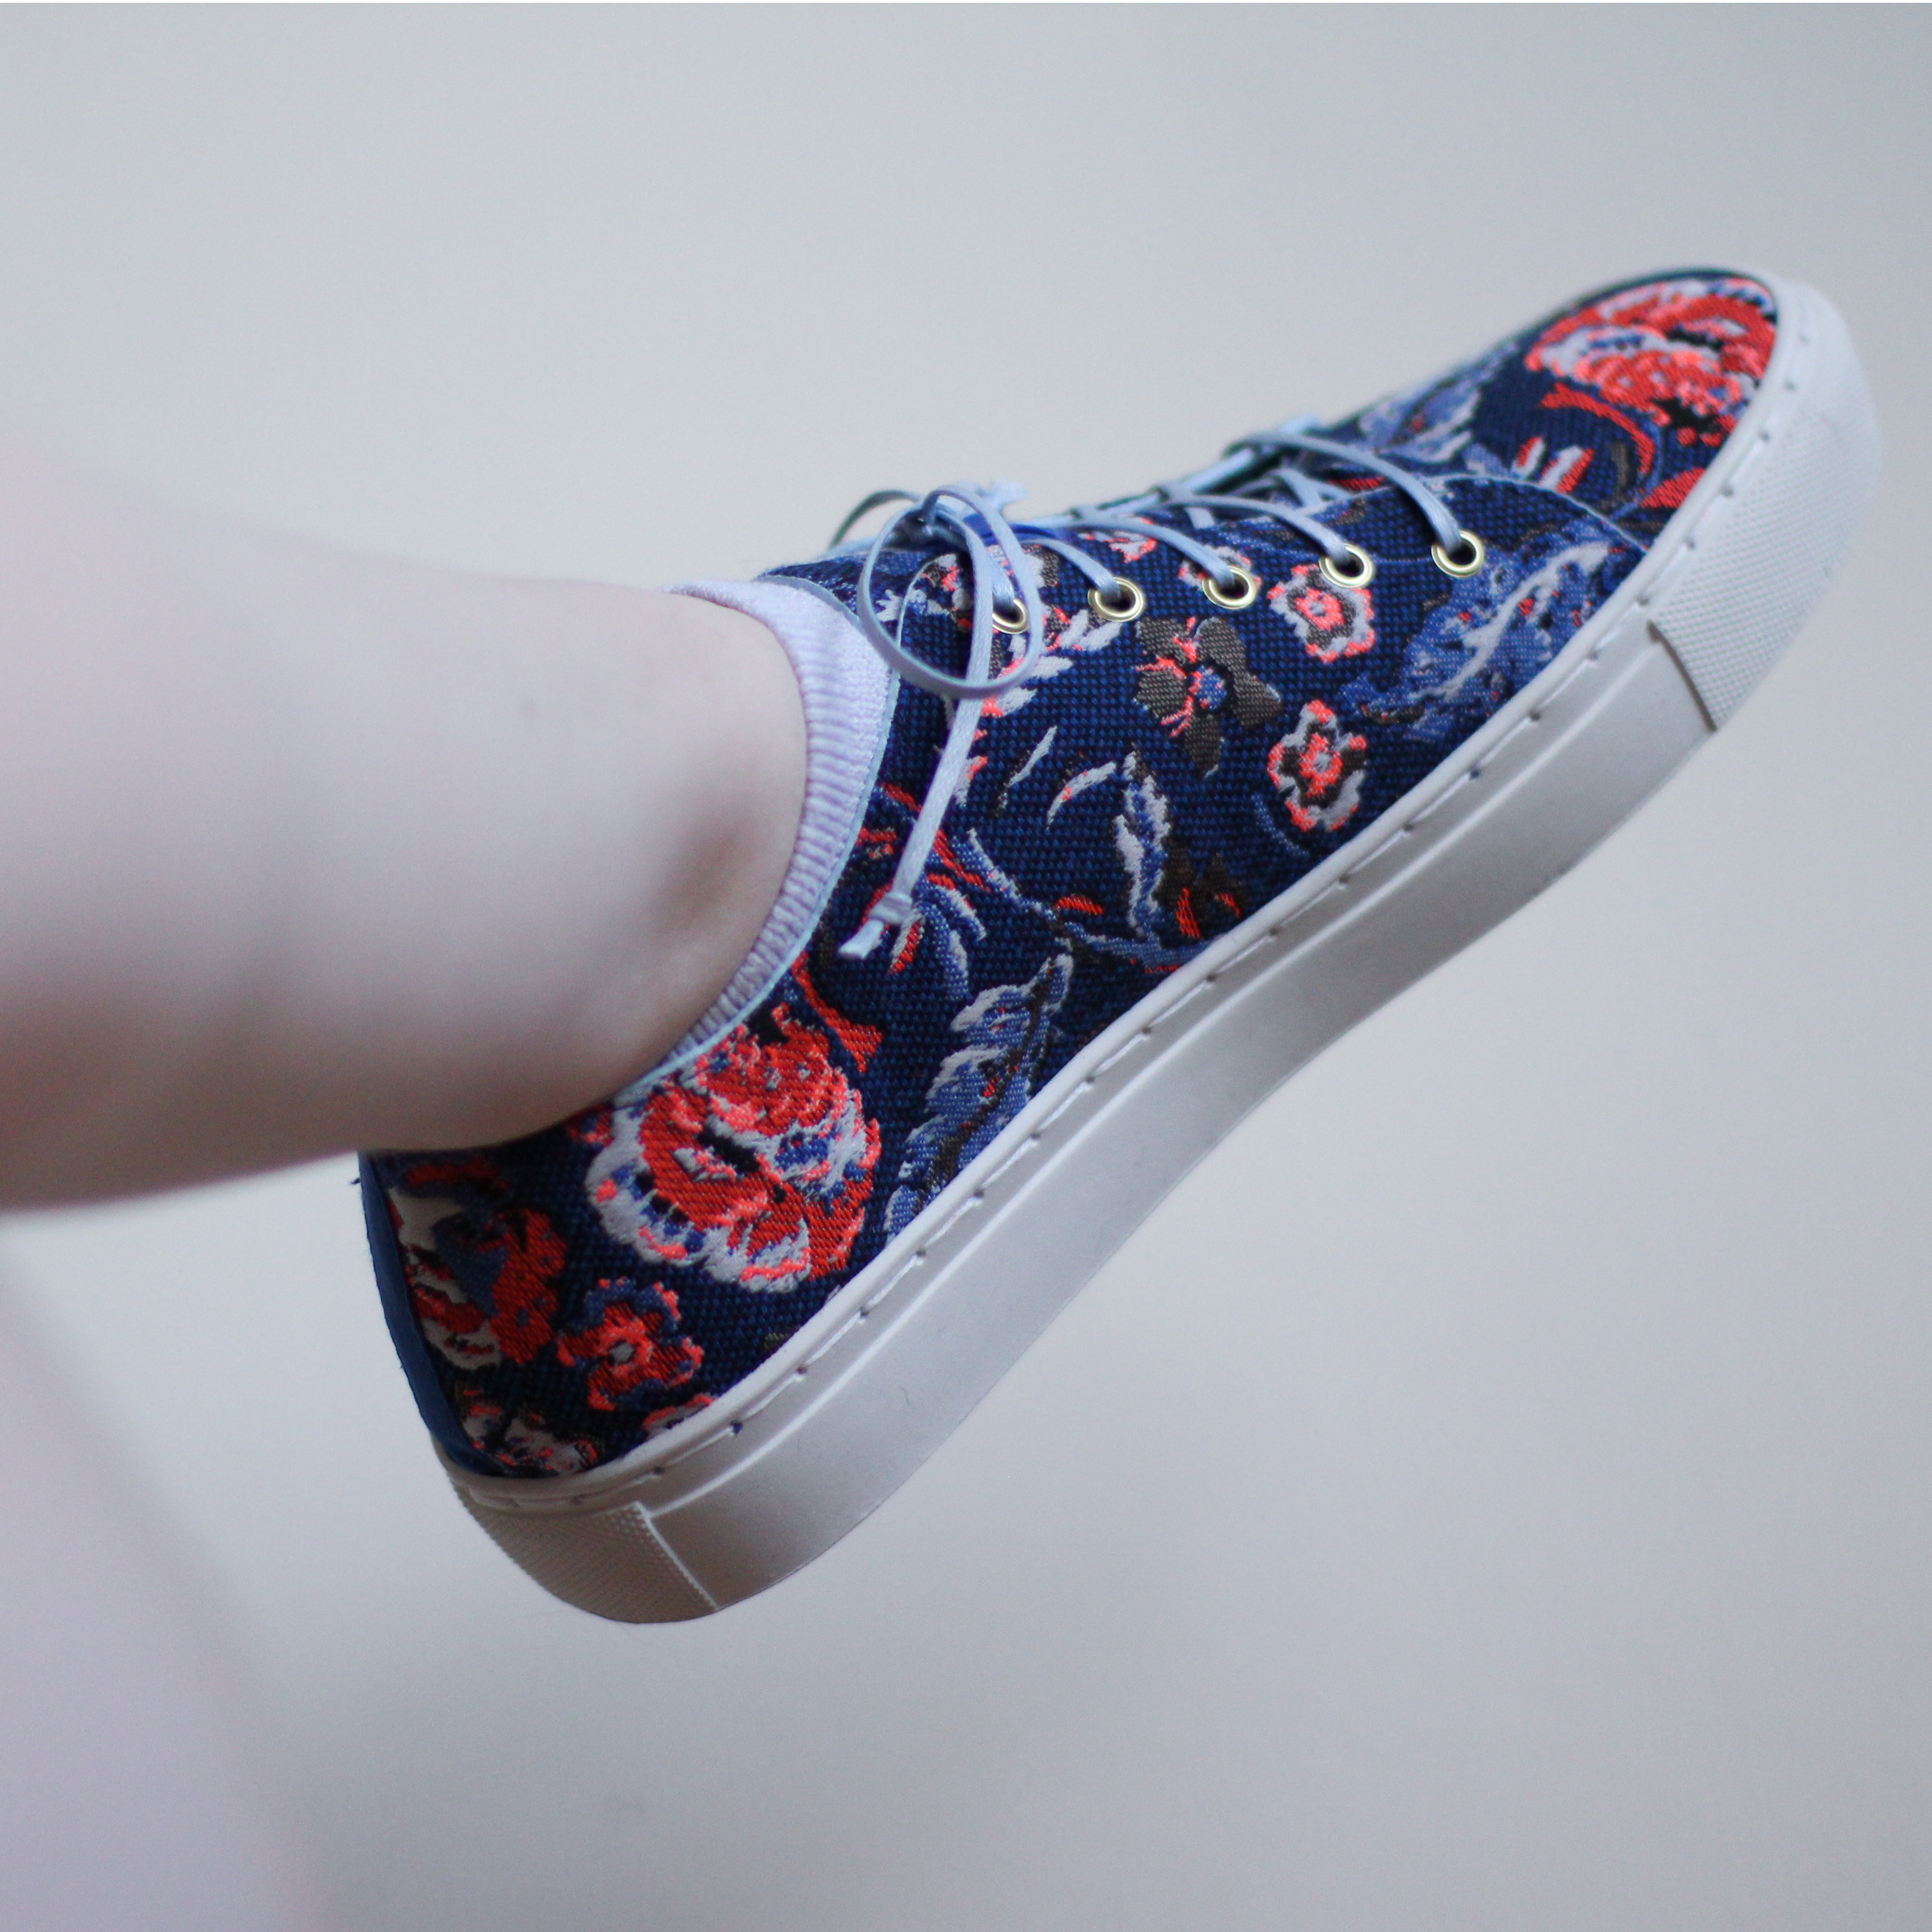 Shoes1c